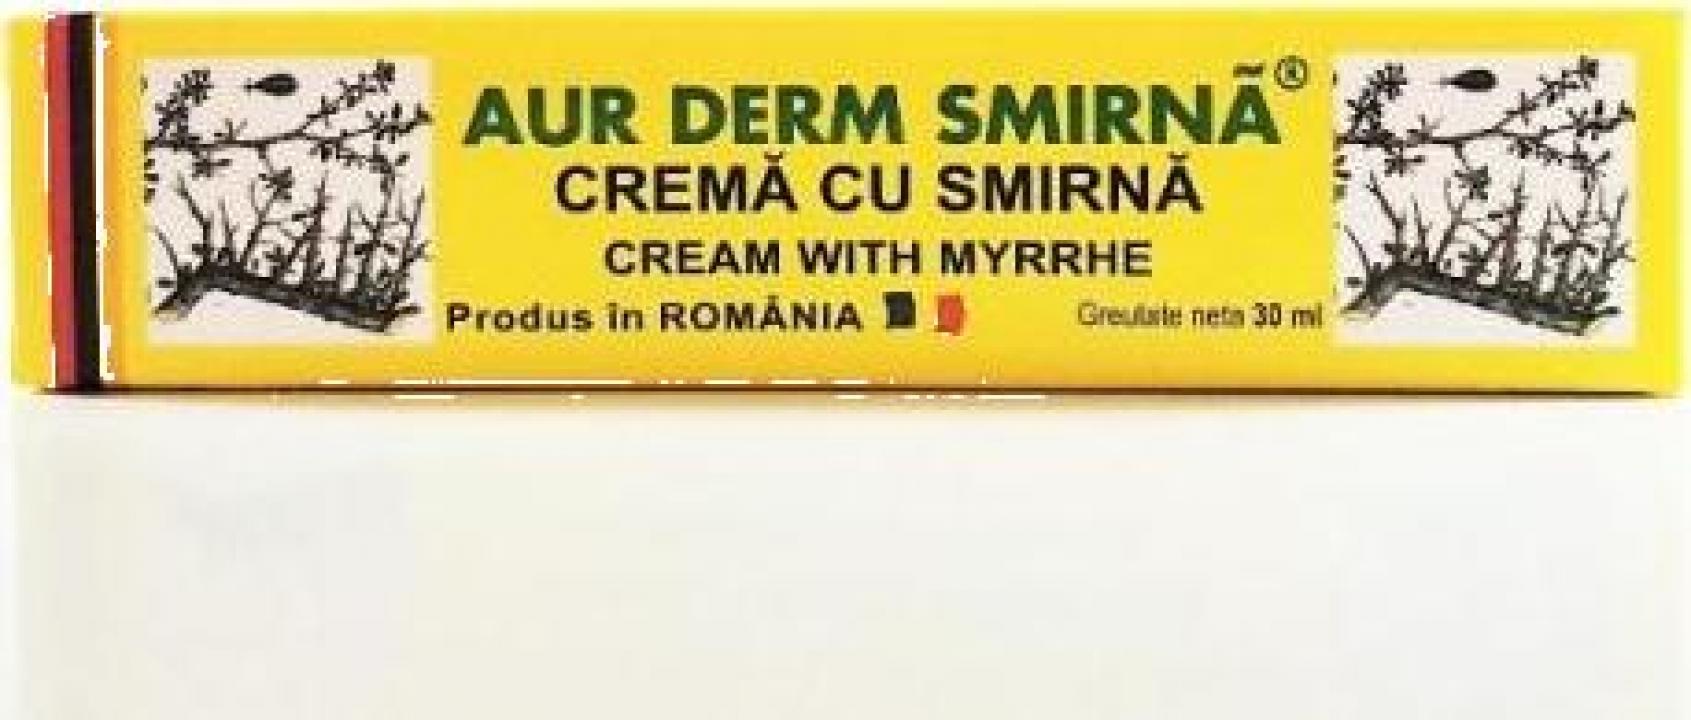 Crema cu smirna Aur Derm - 30 ml